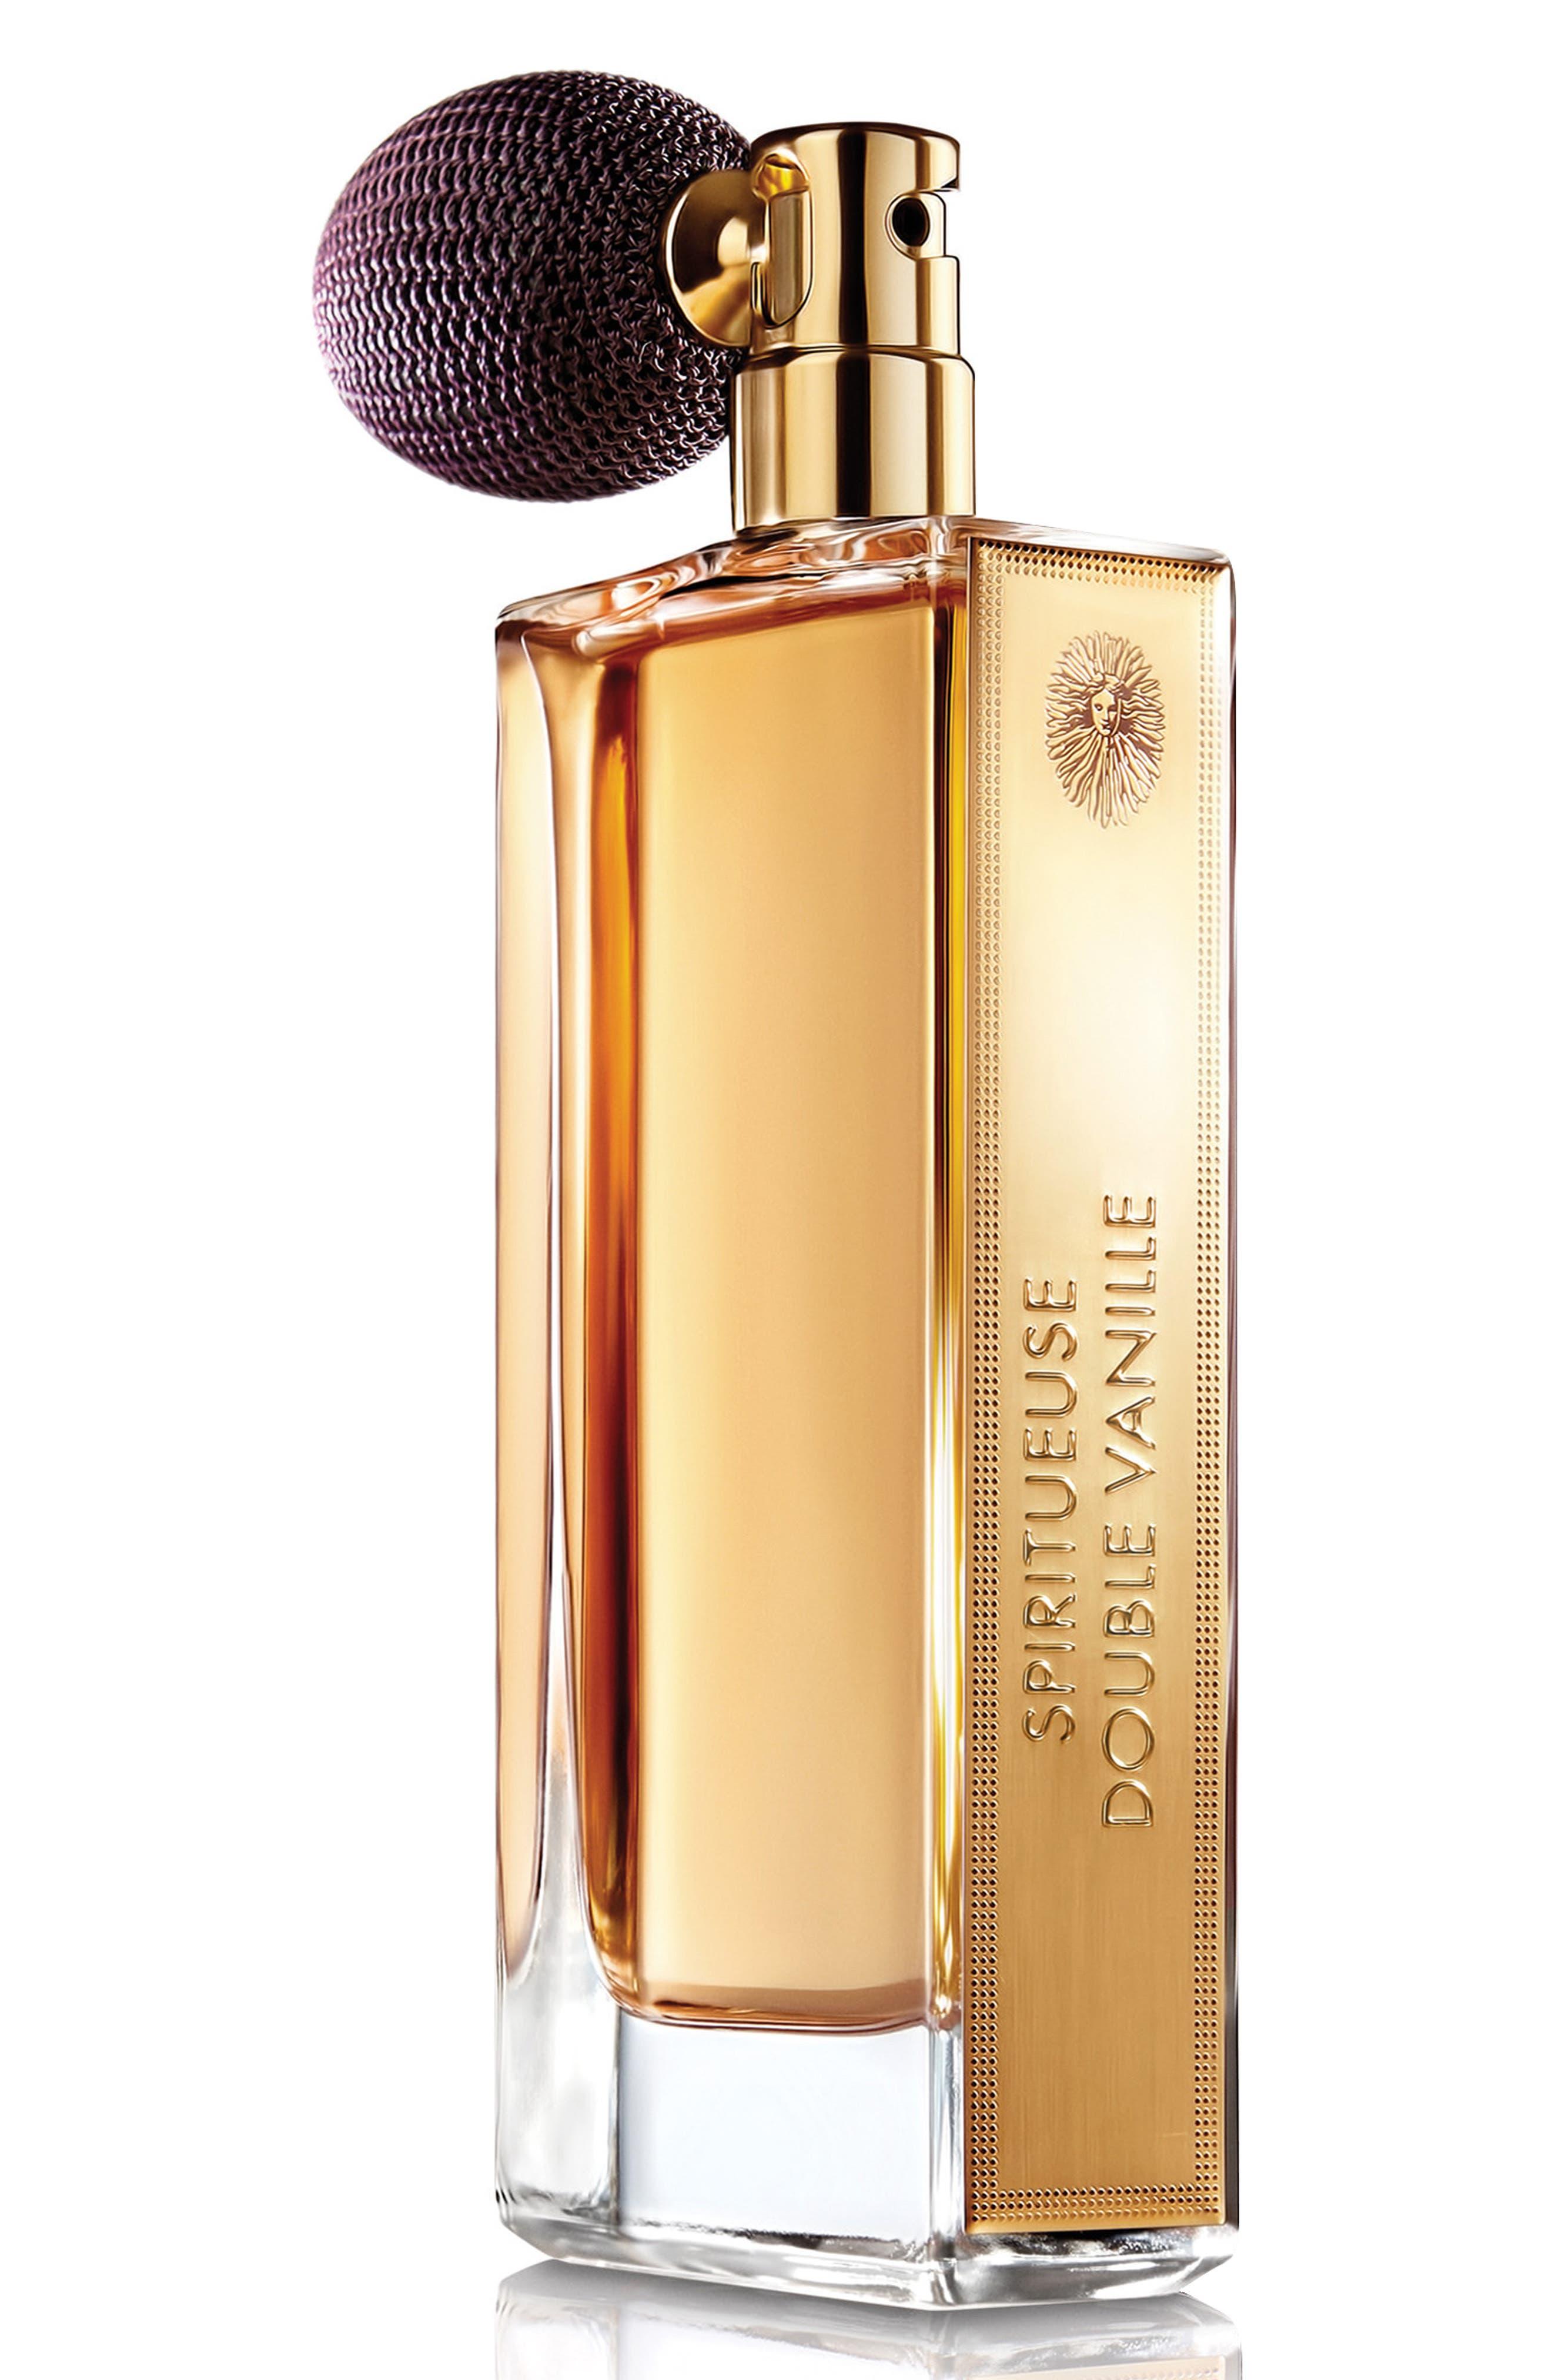 L'Art et la Matiere Spiritueuse Double Vanille Eau de Parfum,                             Alternate thumbnail 2, color,                             000